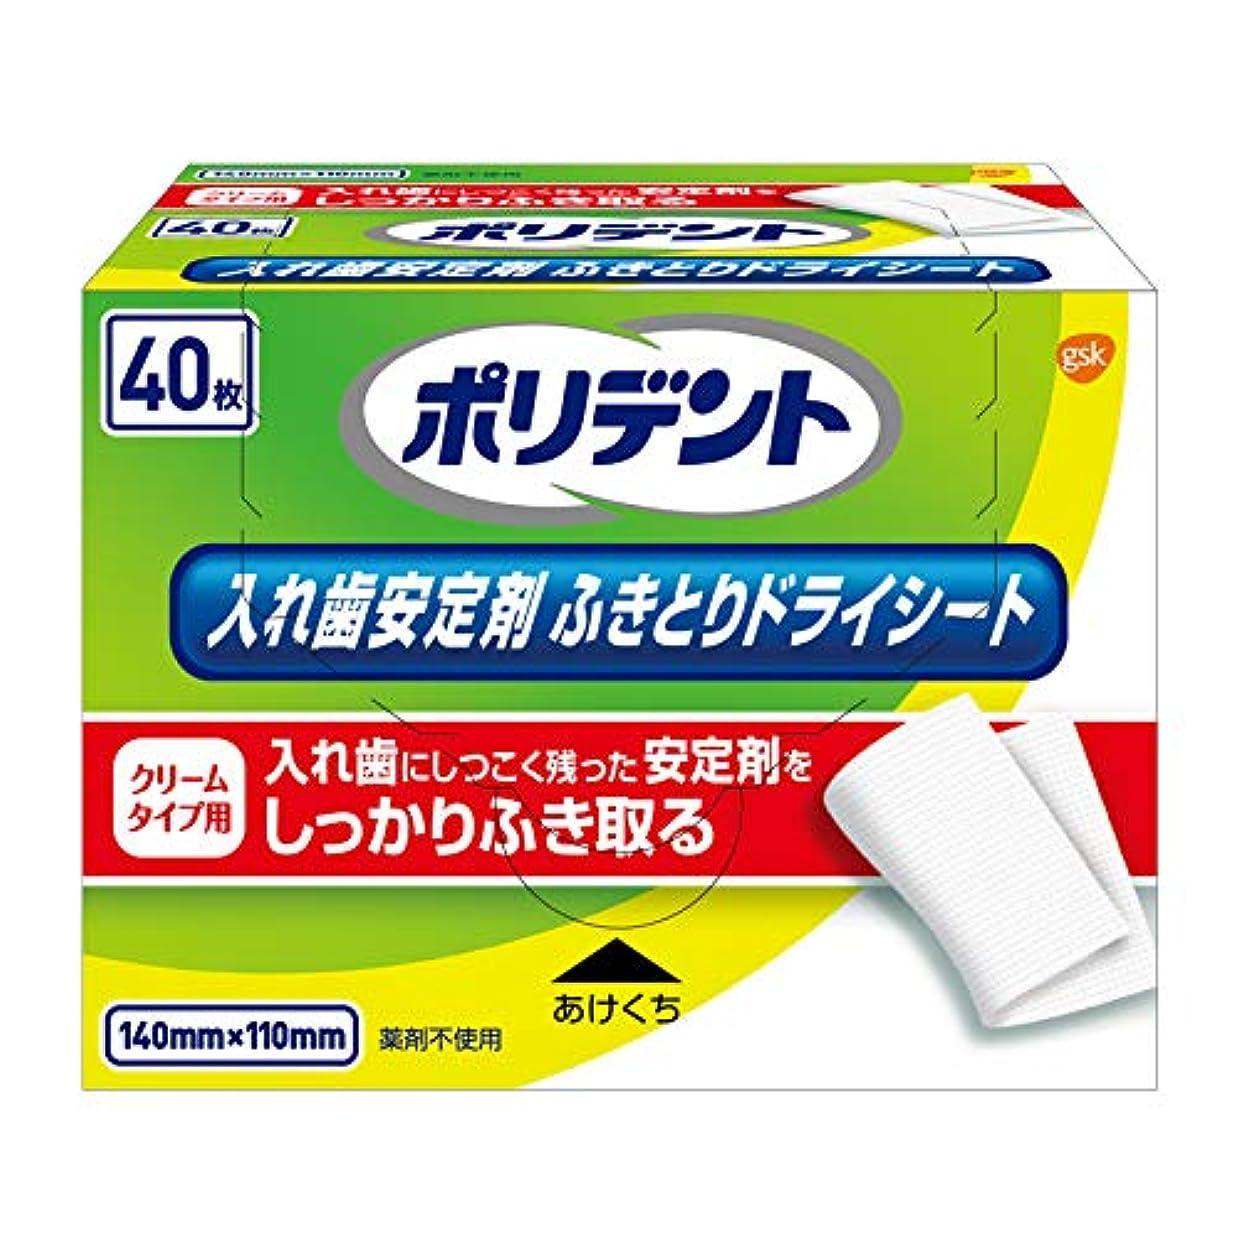 小売独立した位置するポリデント 入れ歯安定剤ふきとりドライシート 40枚